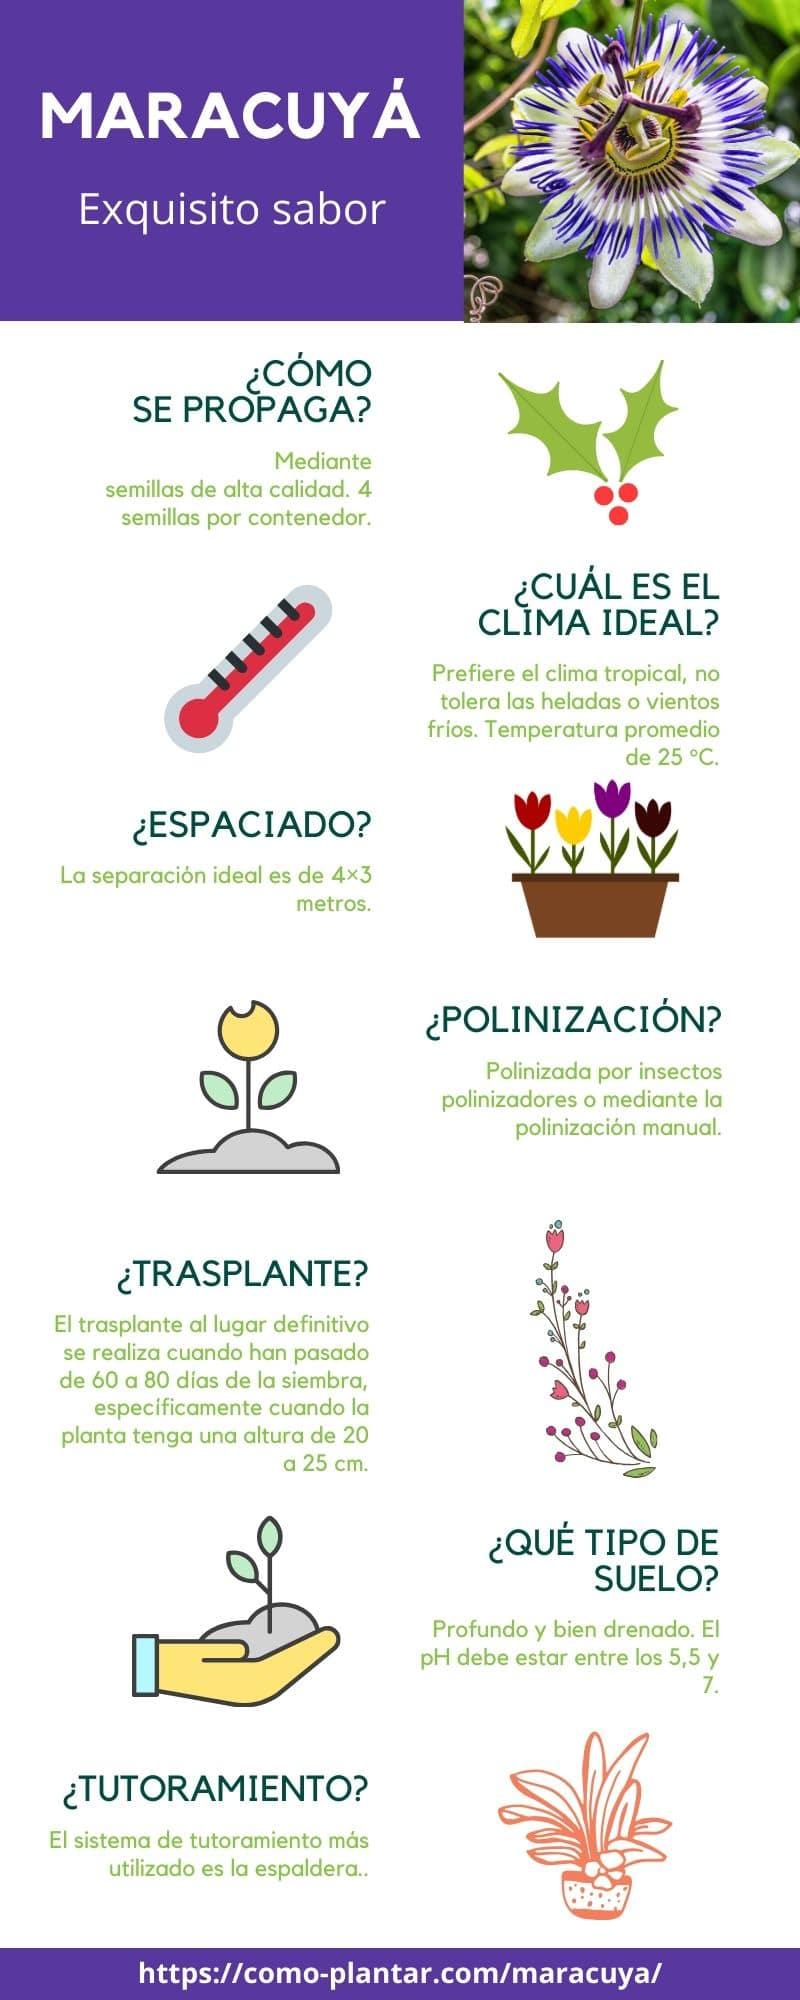 Guía para el cultivo del maracuyá